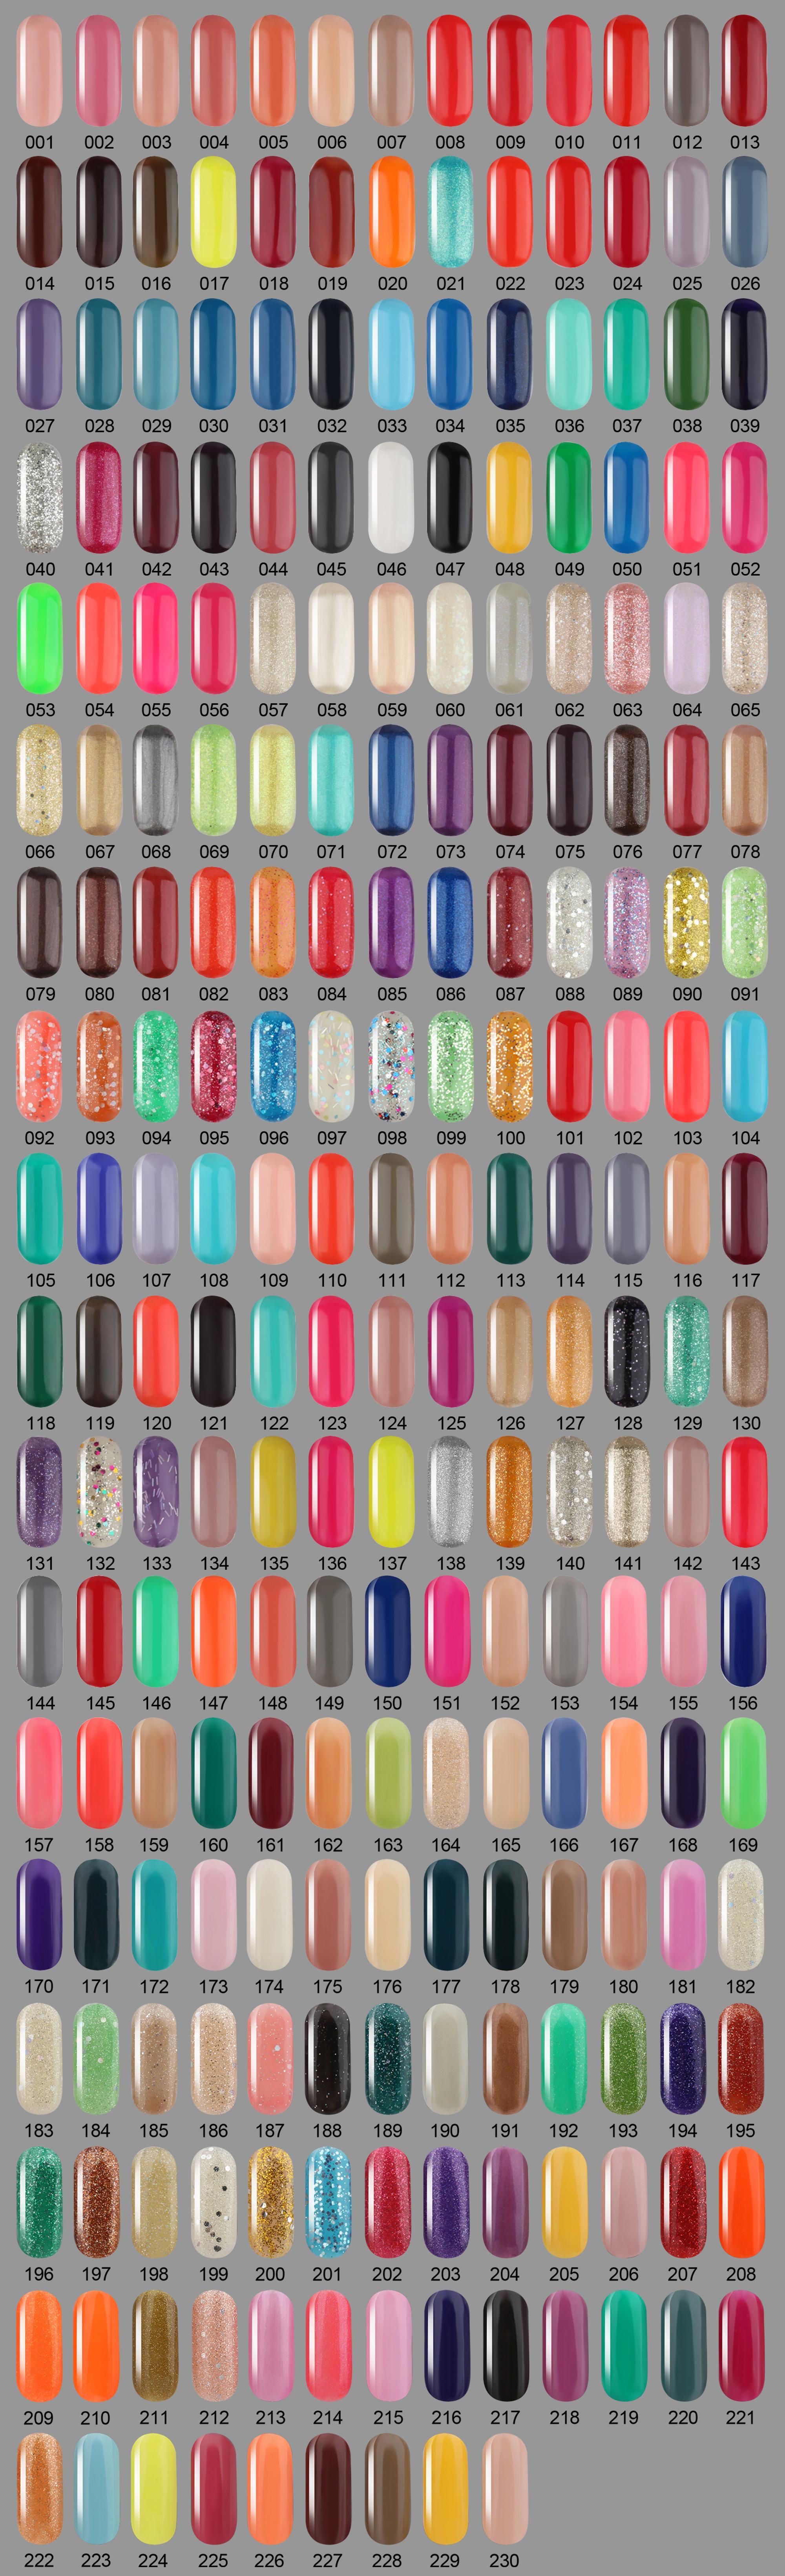 b93bd2c8f37 2019 Wholesale 300 Gel Colors Easy Soak Off Nail Gel Polish Semi Permanent  Gel Varnish Primer